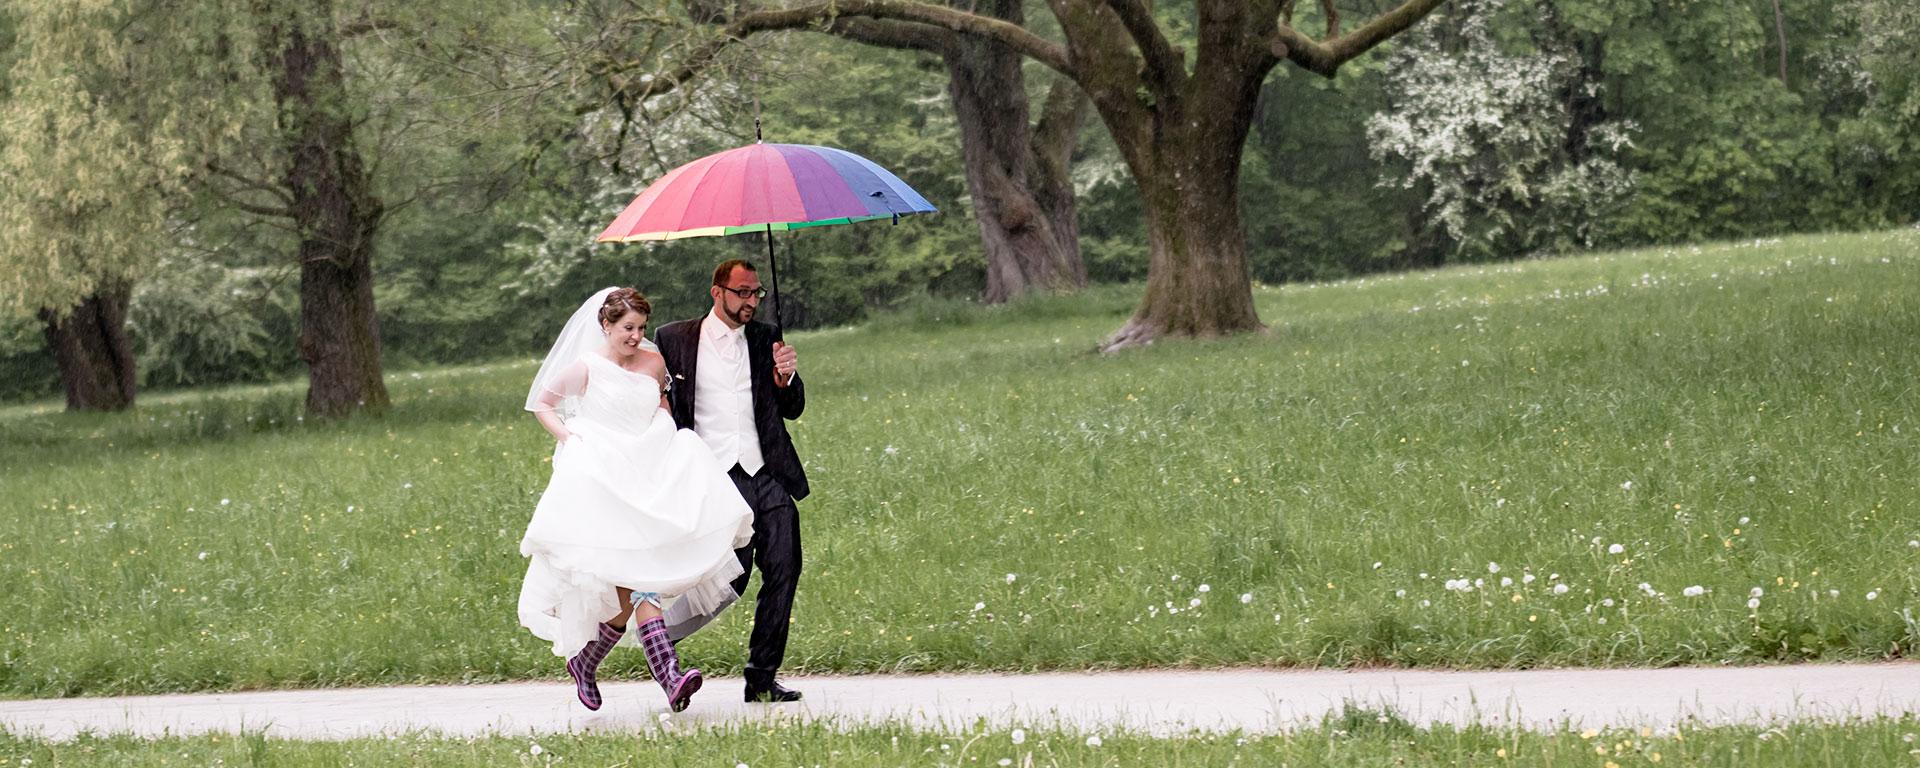 Das Foto zeigt ein Brautpaar im Laufschritt auf einem Kiesweg im Park, einen bunten Regenschirm in der Hand